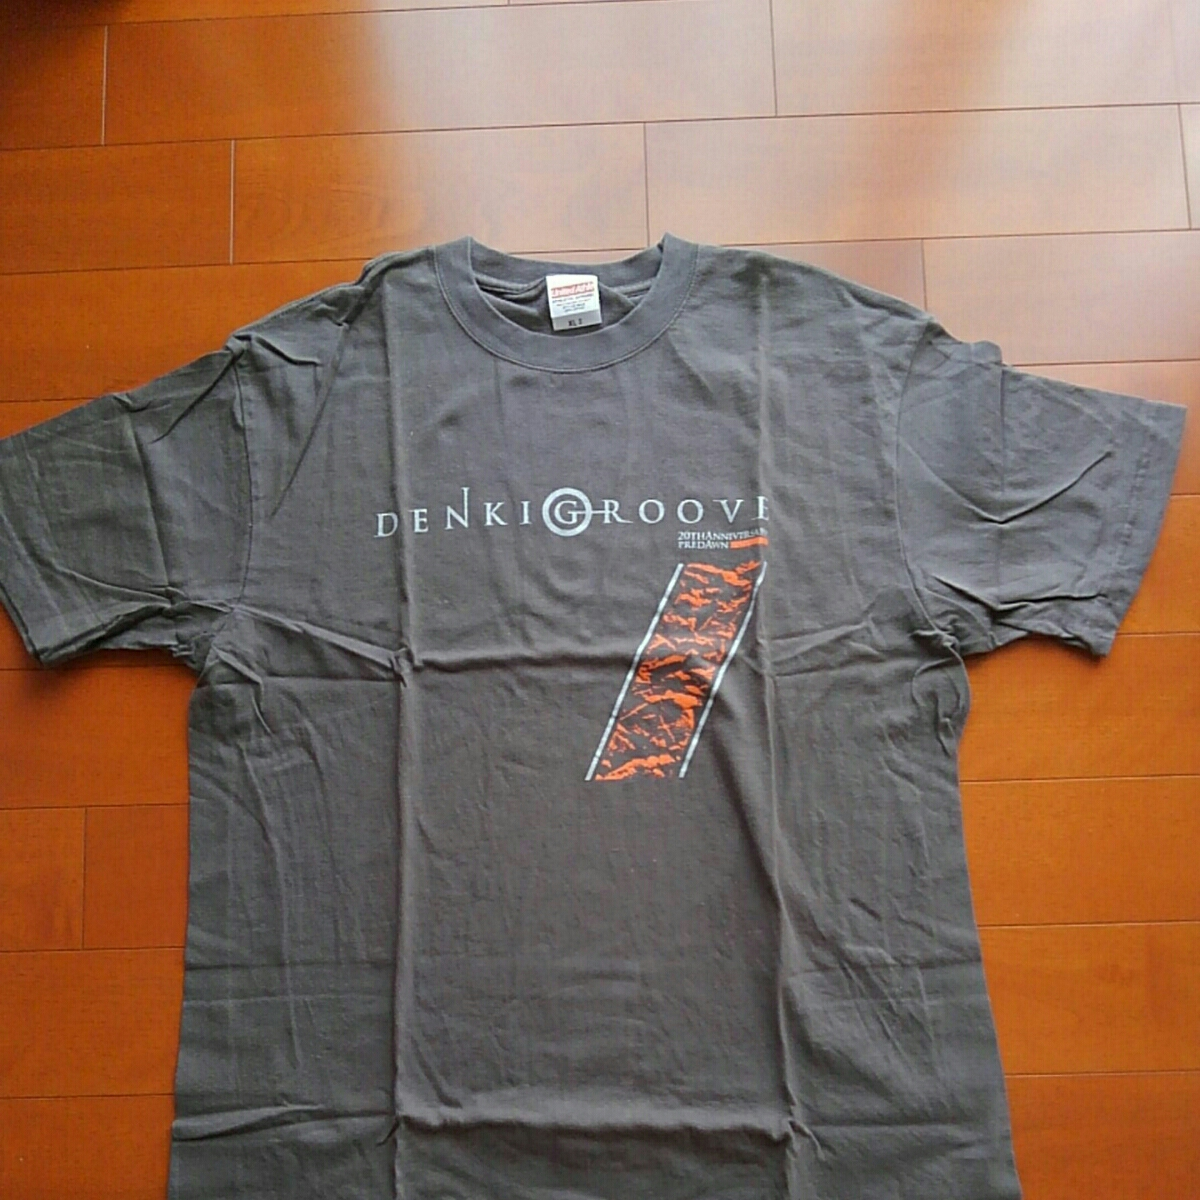 電気グルーヴ Tシャツ XL 新品 石野卓球 ピエール瀧 ライブグッズの画像